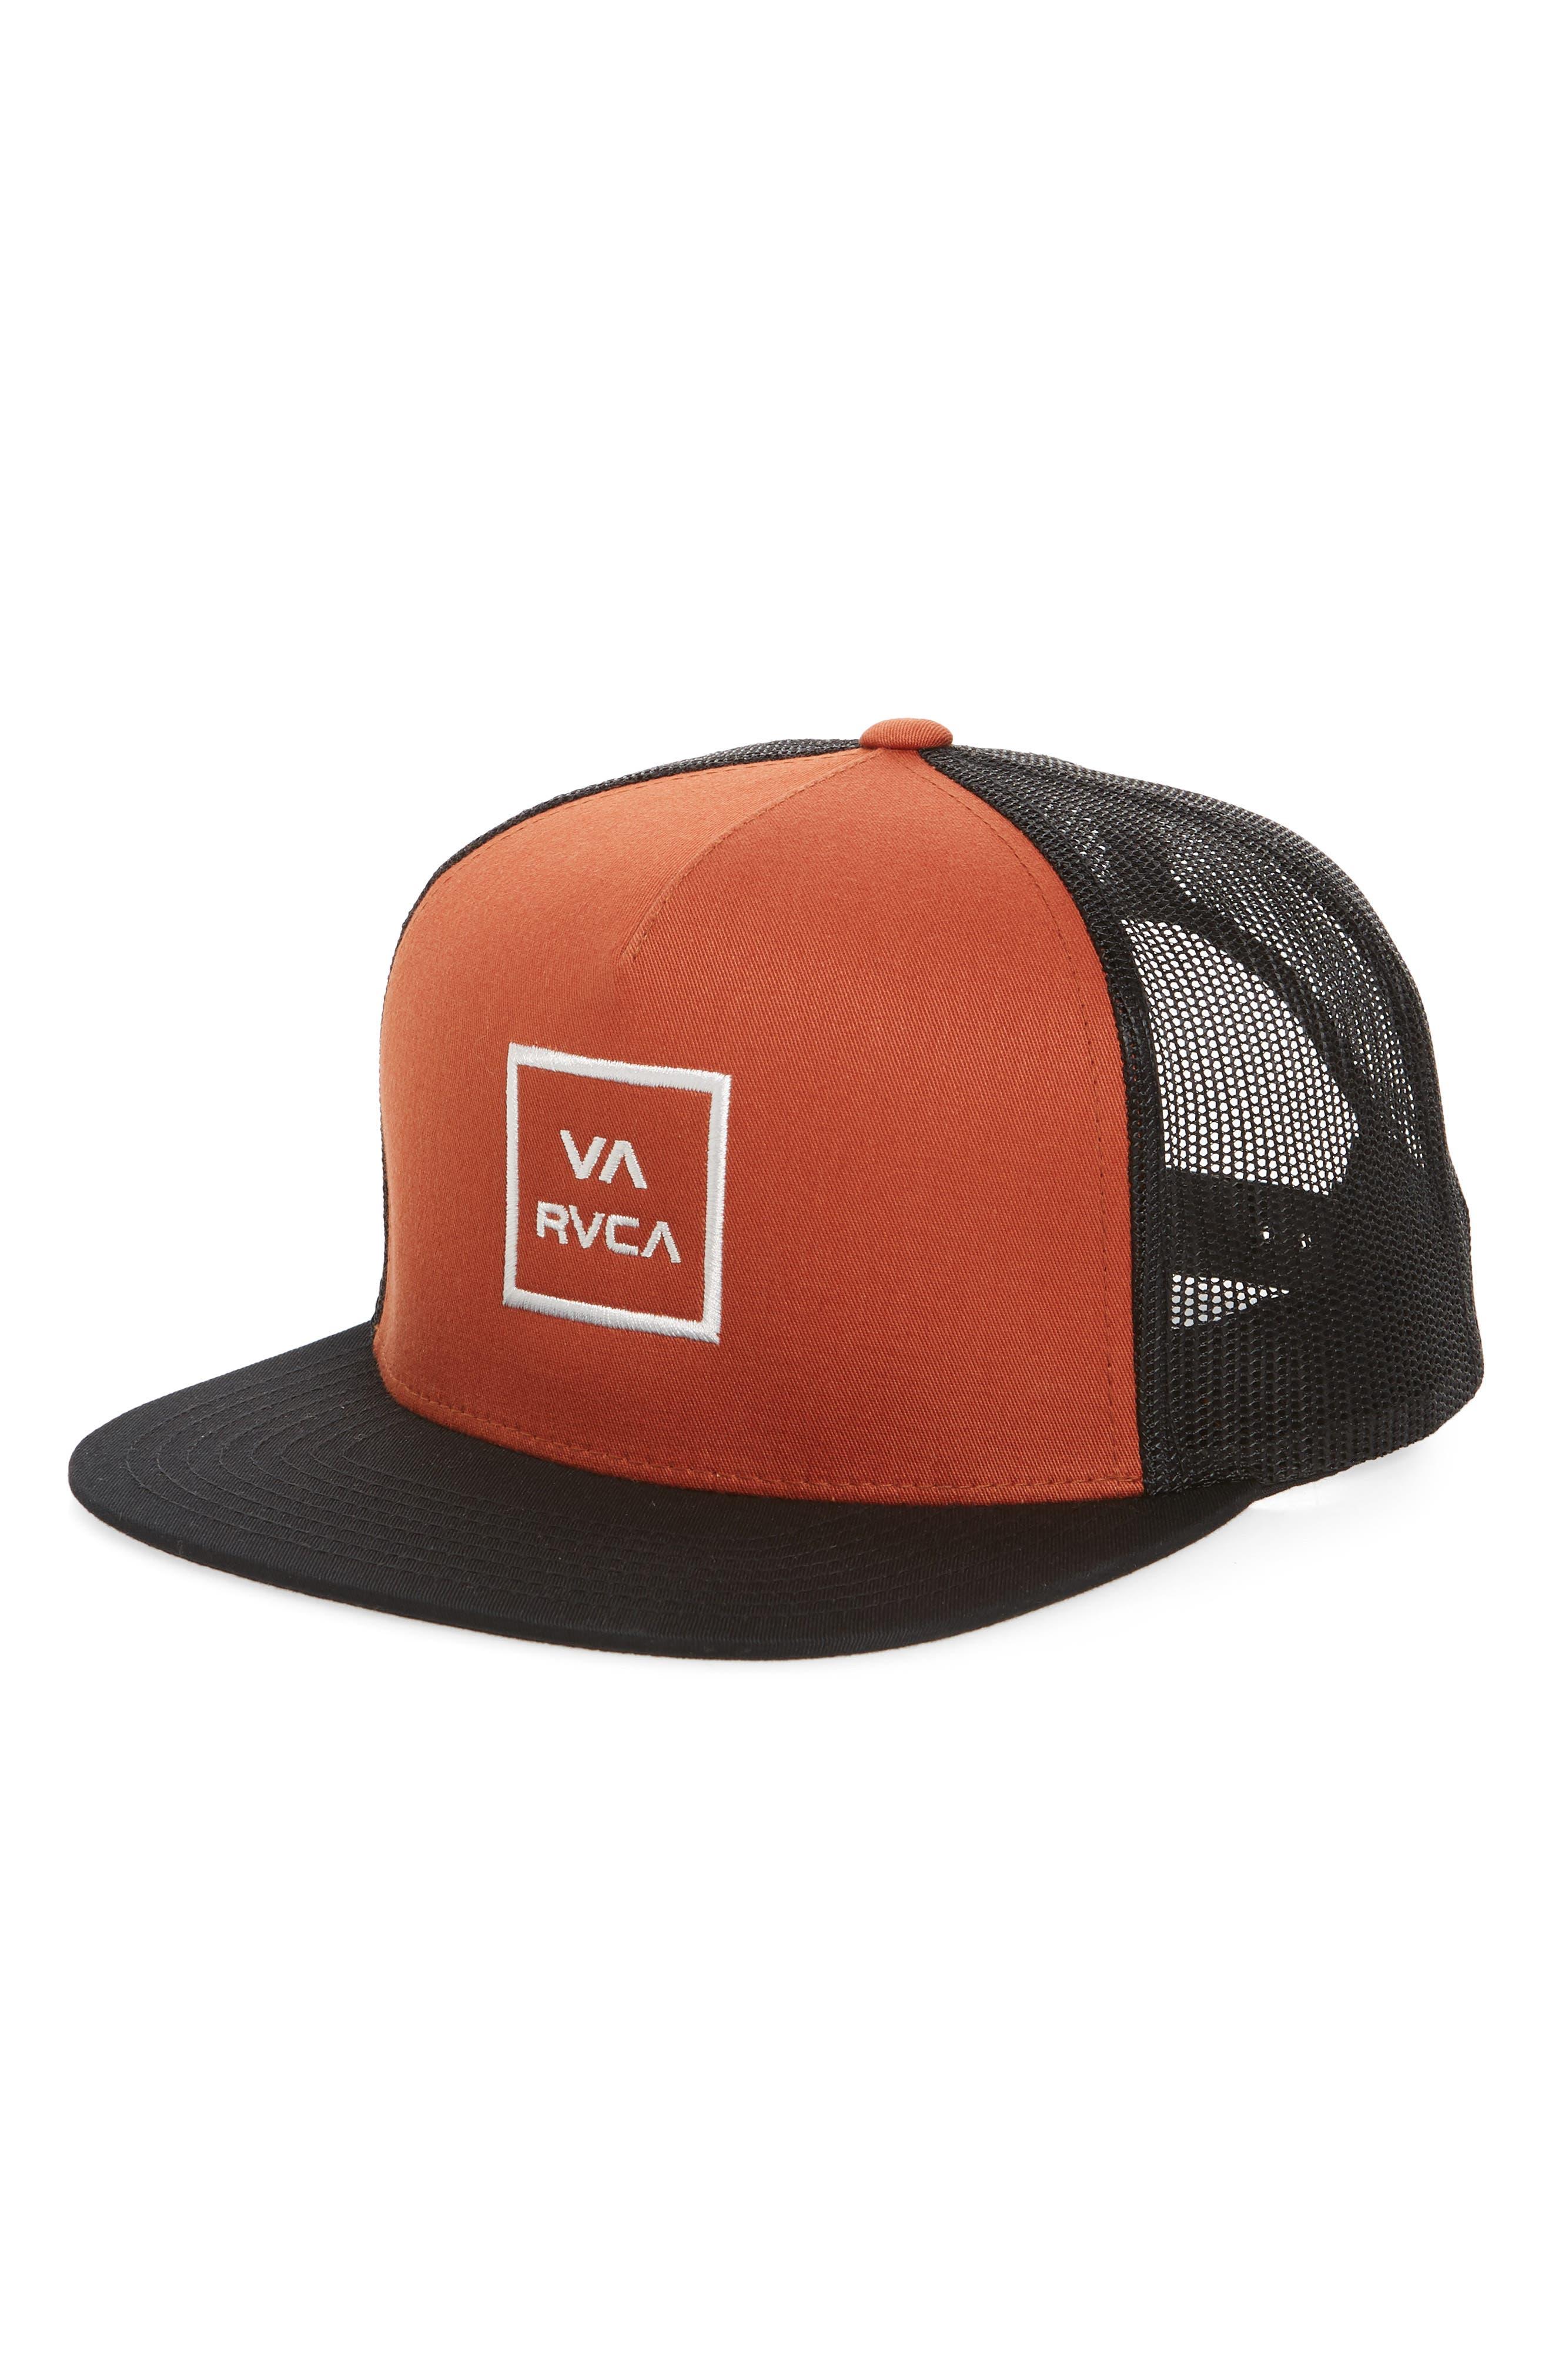 18fe8a2d2075e ... france mens rvca snapback caps hats nordstrom 8faa9 77703